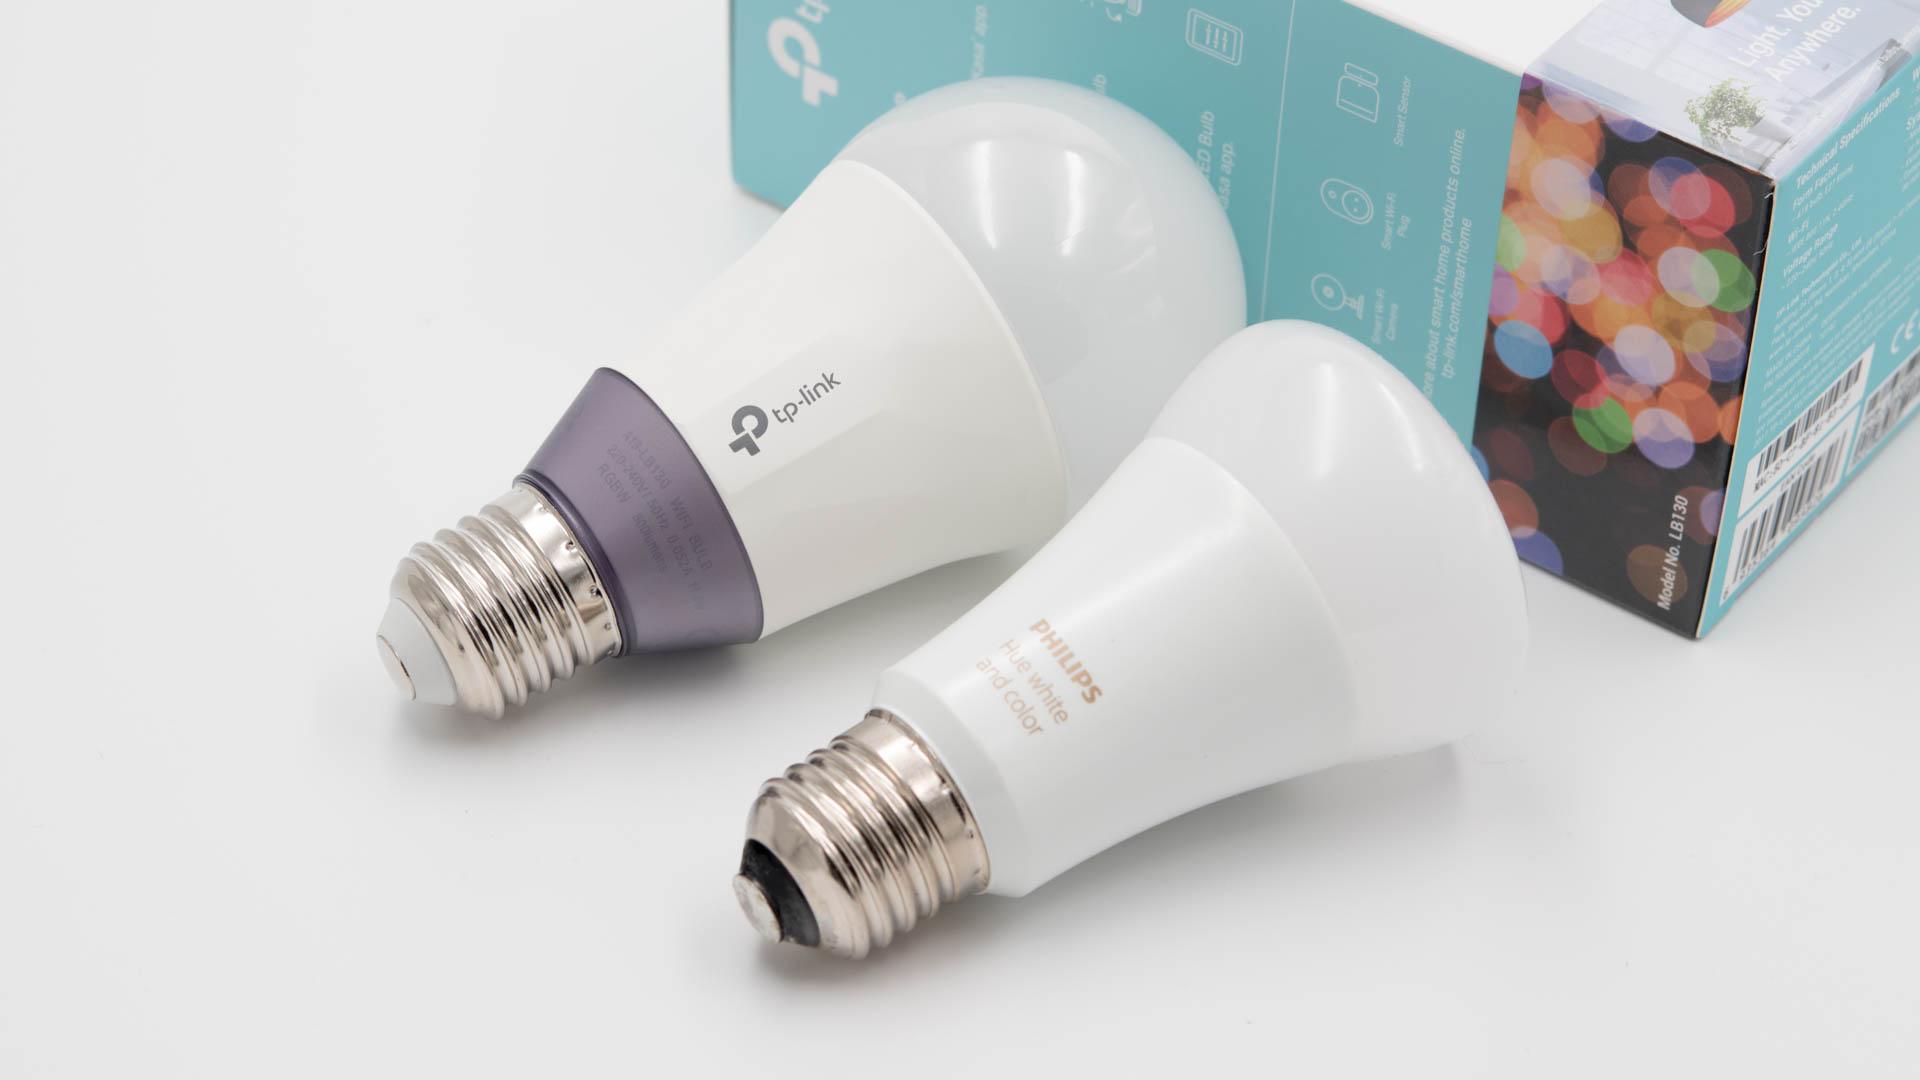 Die-TP-Link-LB130-smarte-LED-Gl%C3%BChbirne-im-Test-7 Fabelhafte Led Lampen E27 Test Dekorationen